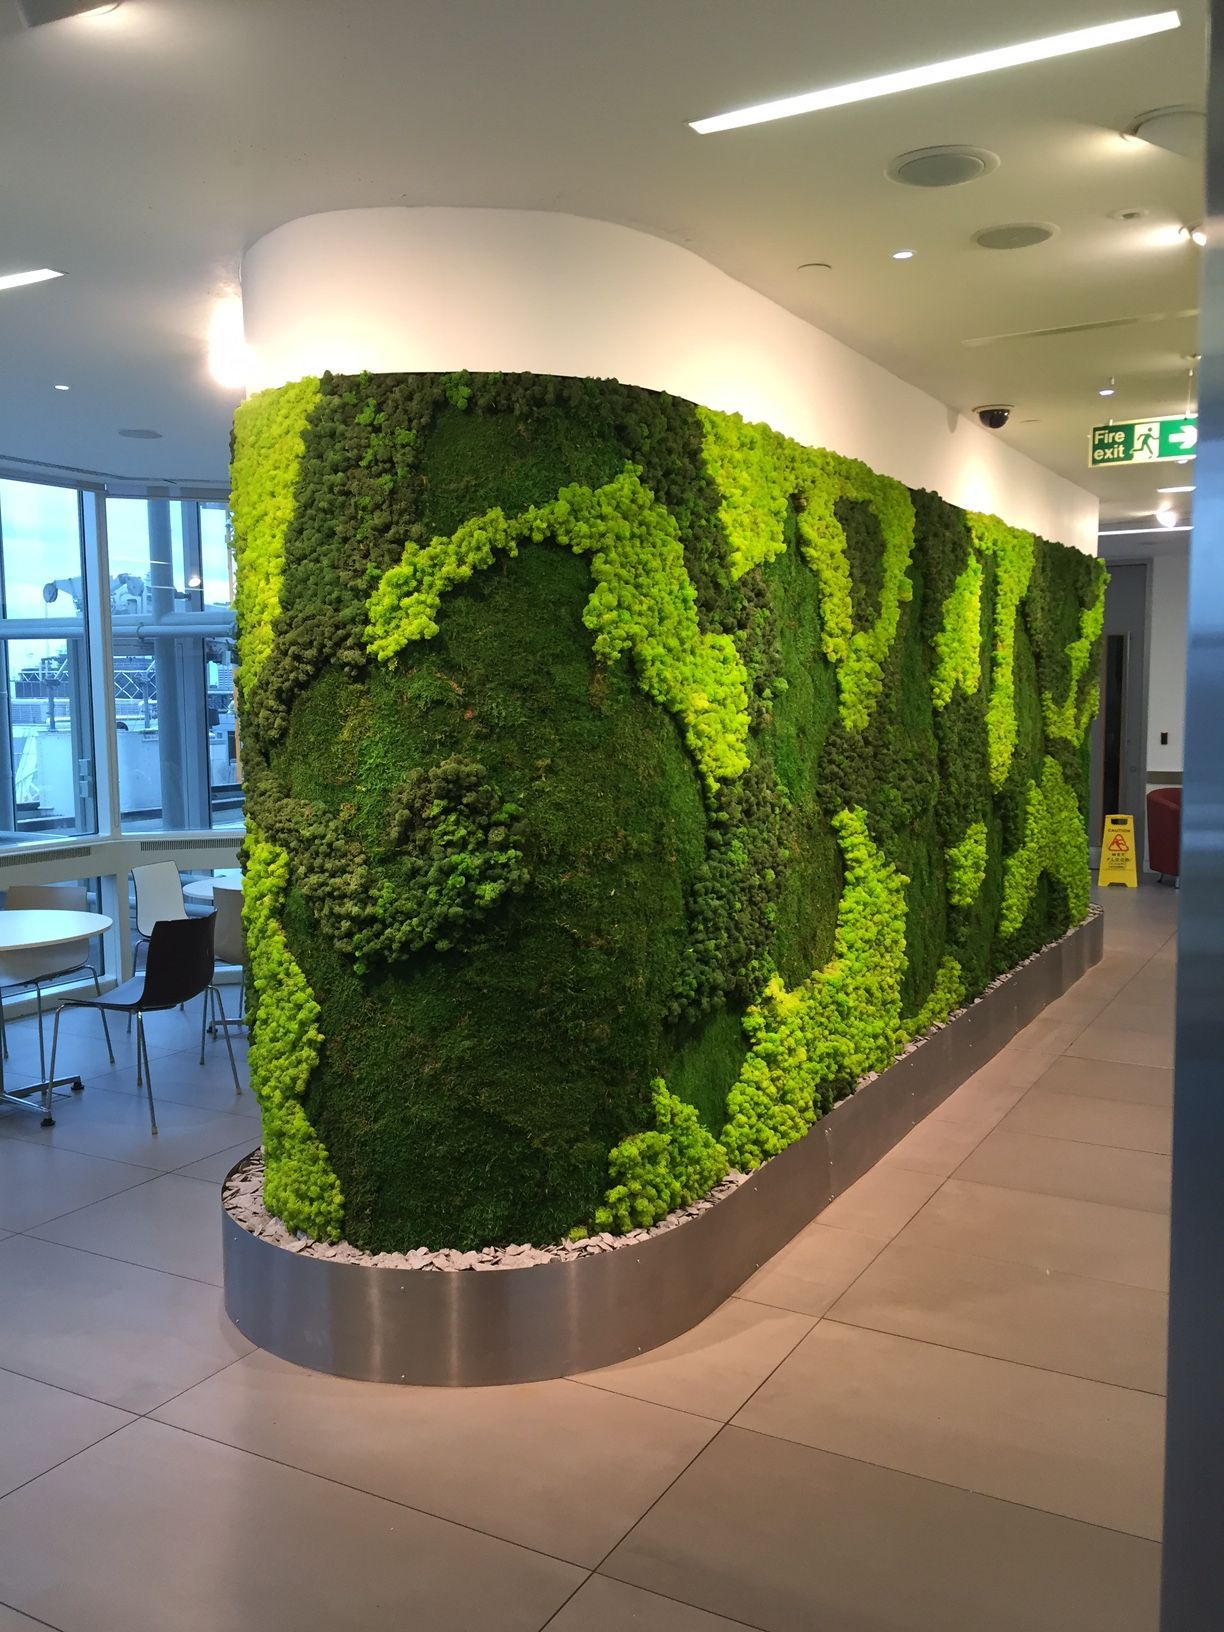 10 Ways To Decorate With Green Moss: Офисные растения, Зеленый дизайн интерьера, Стена дизайн